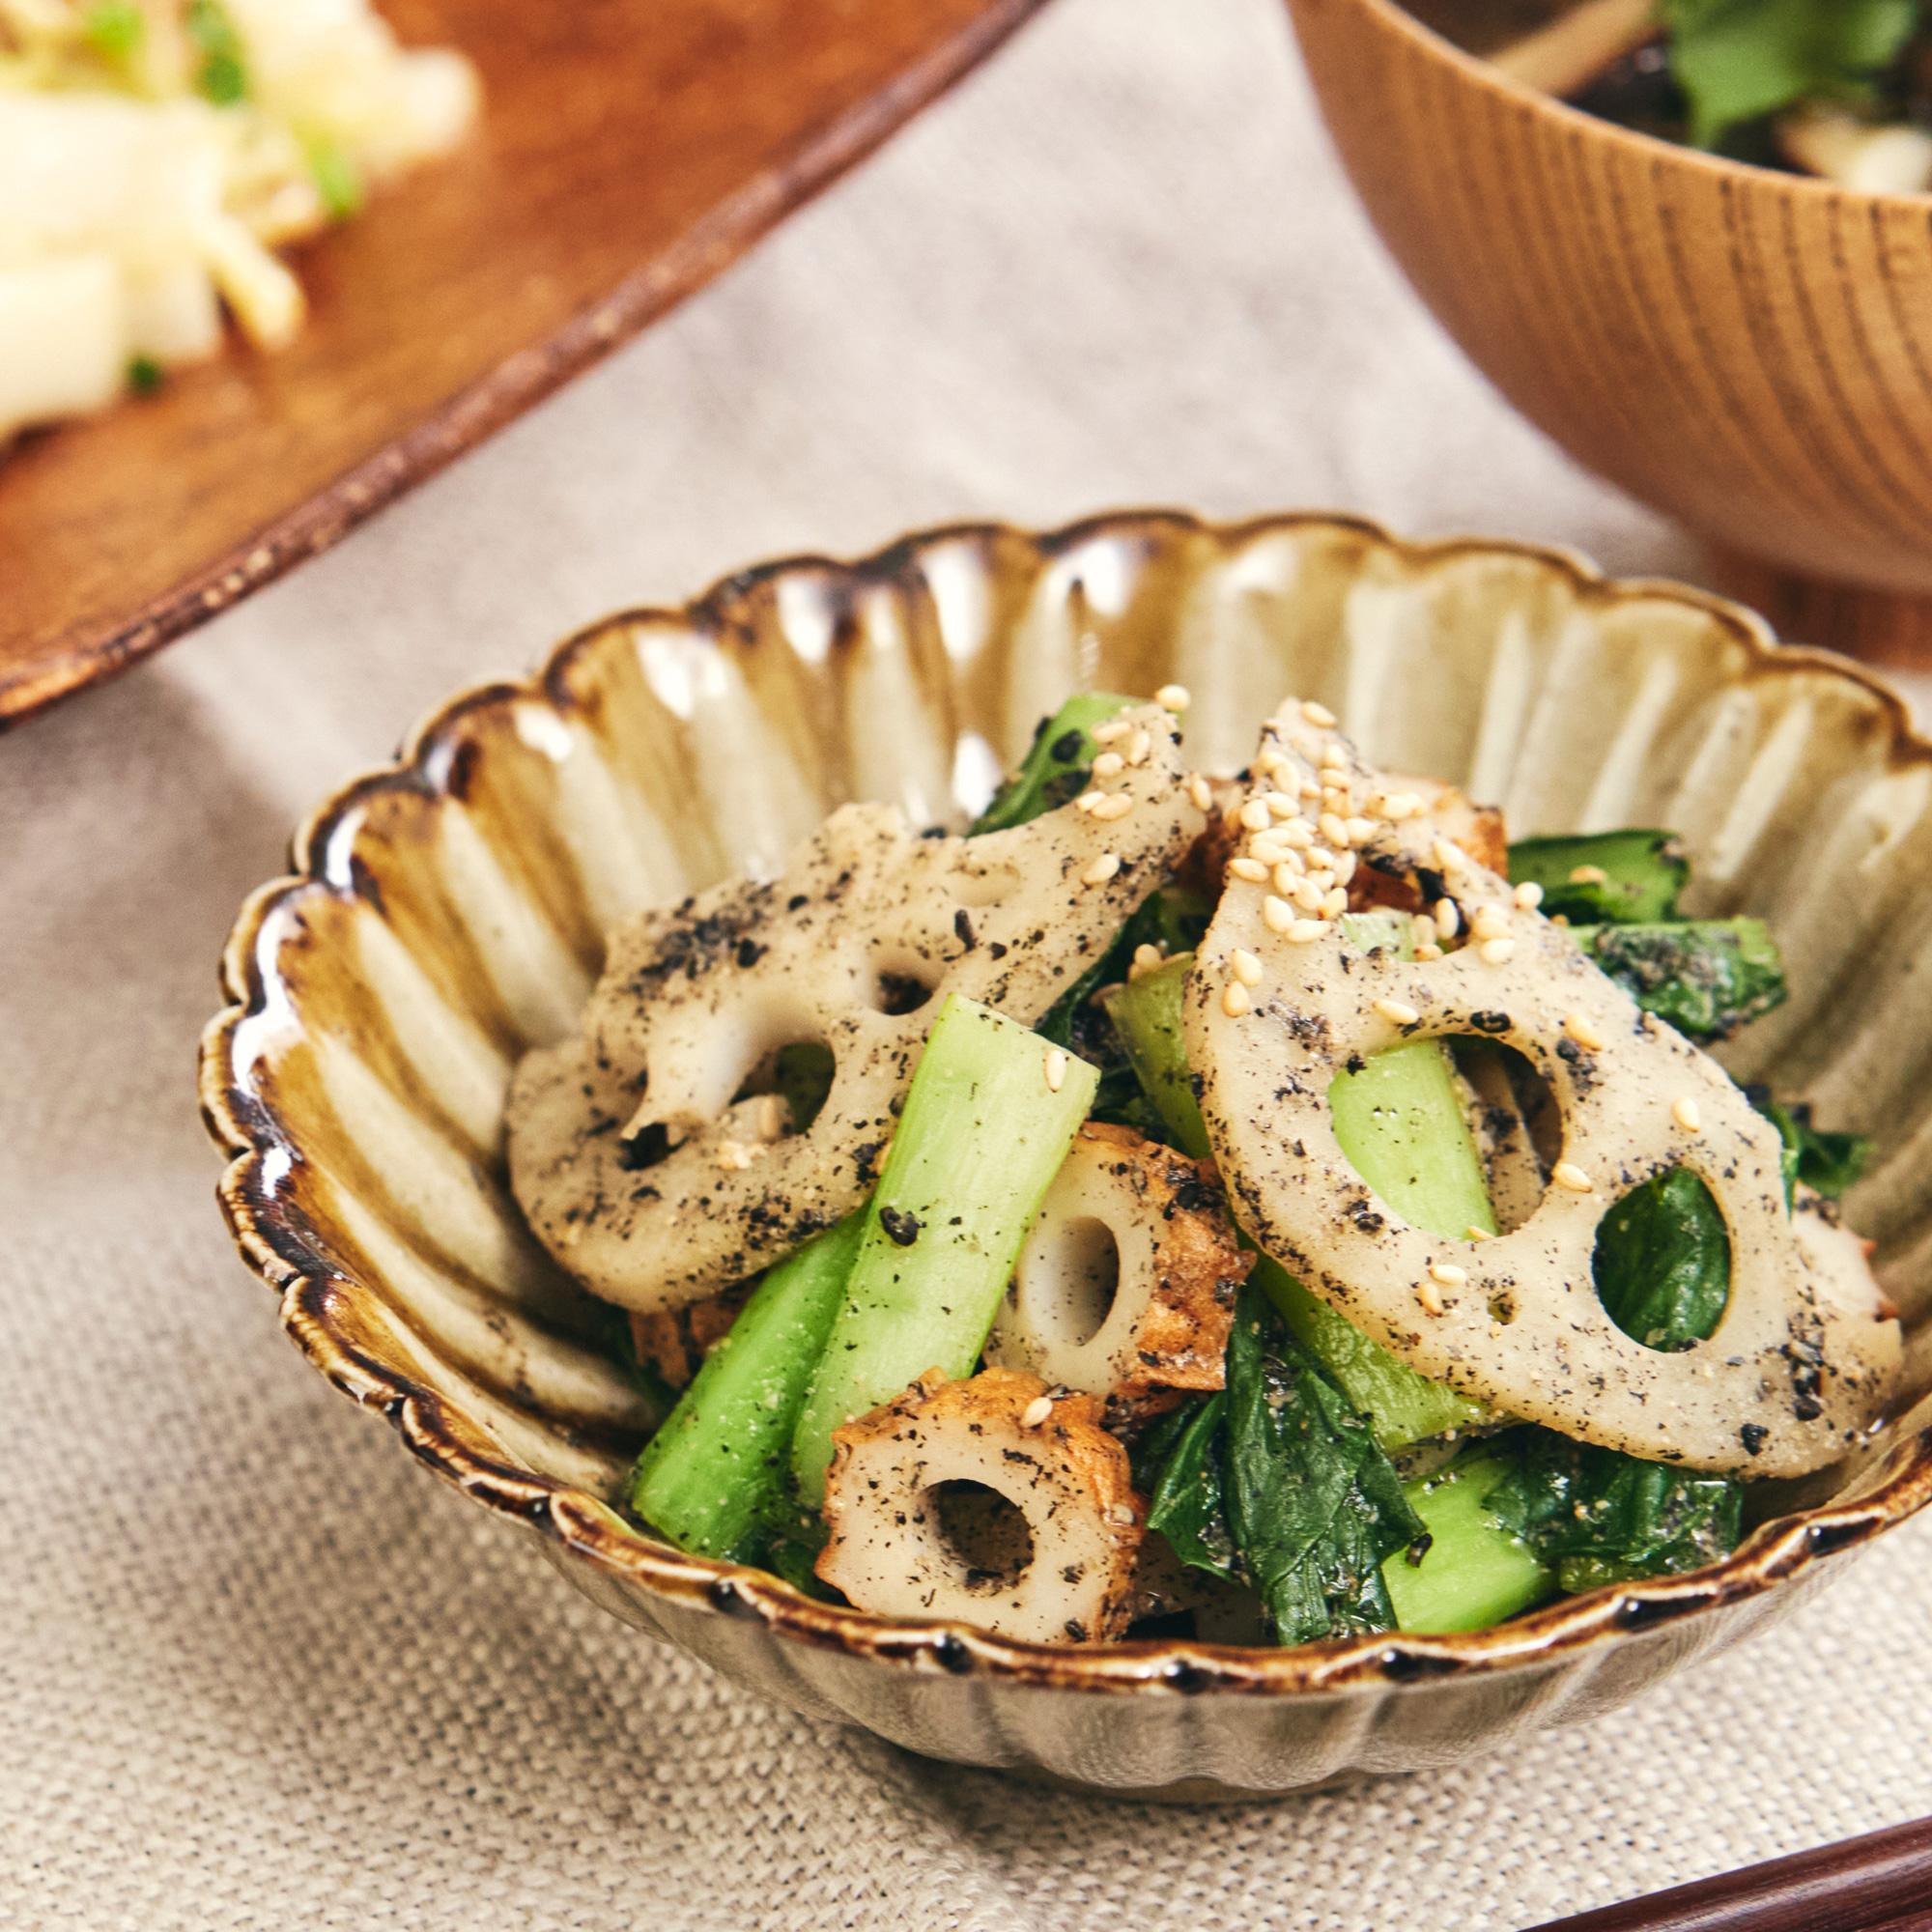 食感を楽しむ♪ レンコンと小松菜のごま酢和え